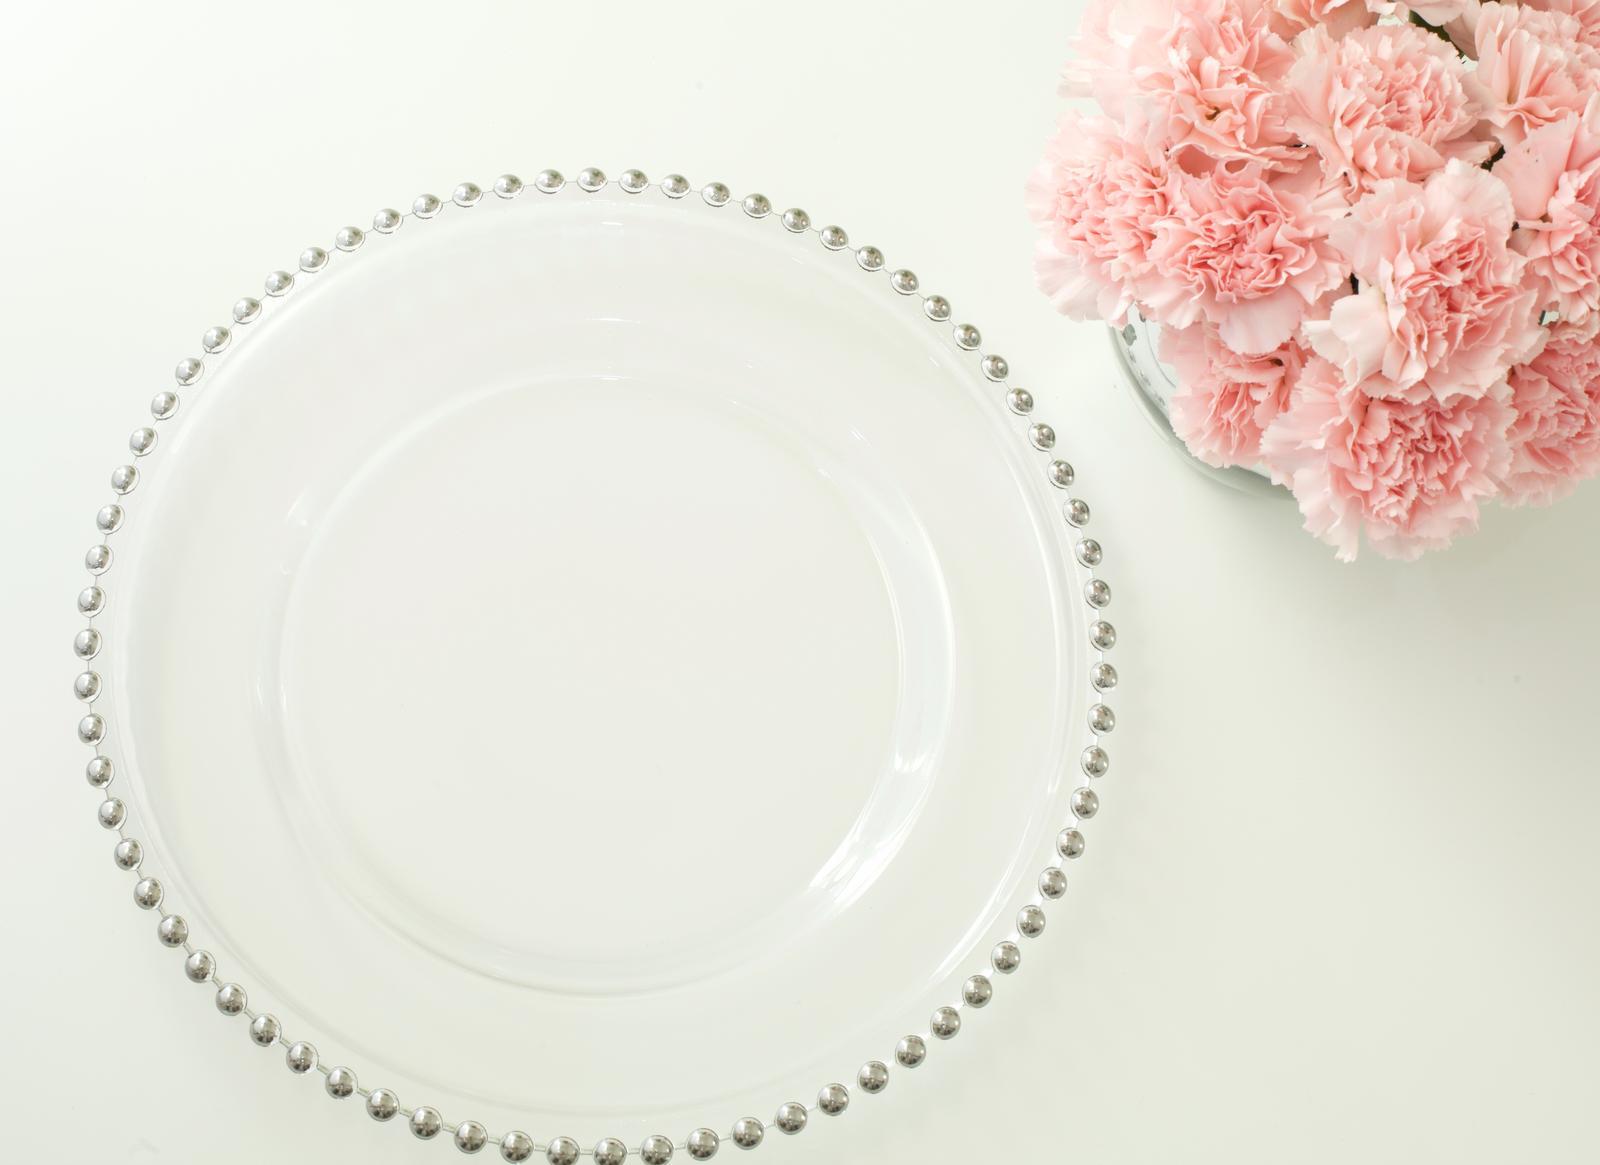 Klubové taniere na predaj - Obrázok č. 2